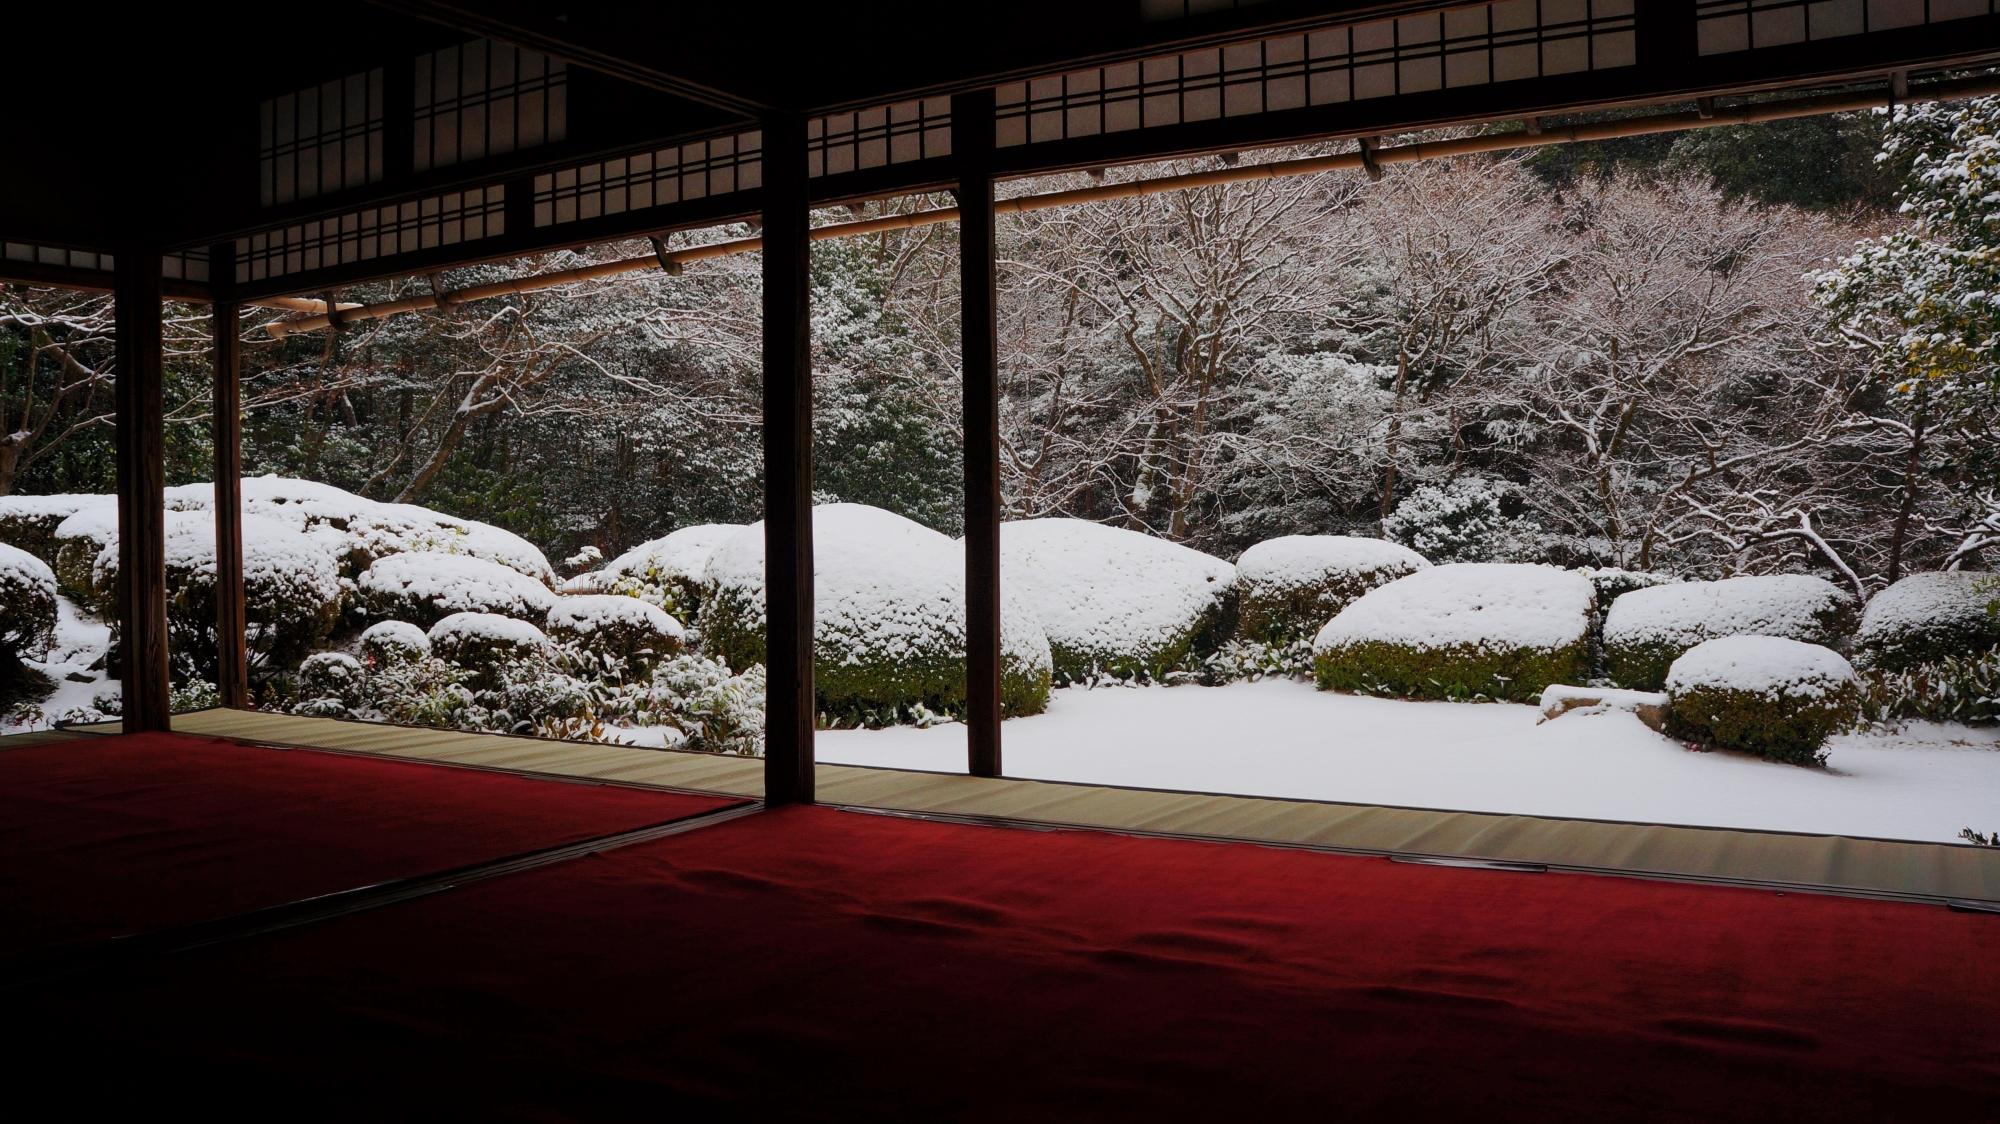 詩仙堂の息をのむ名刹の雪景色